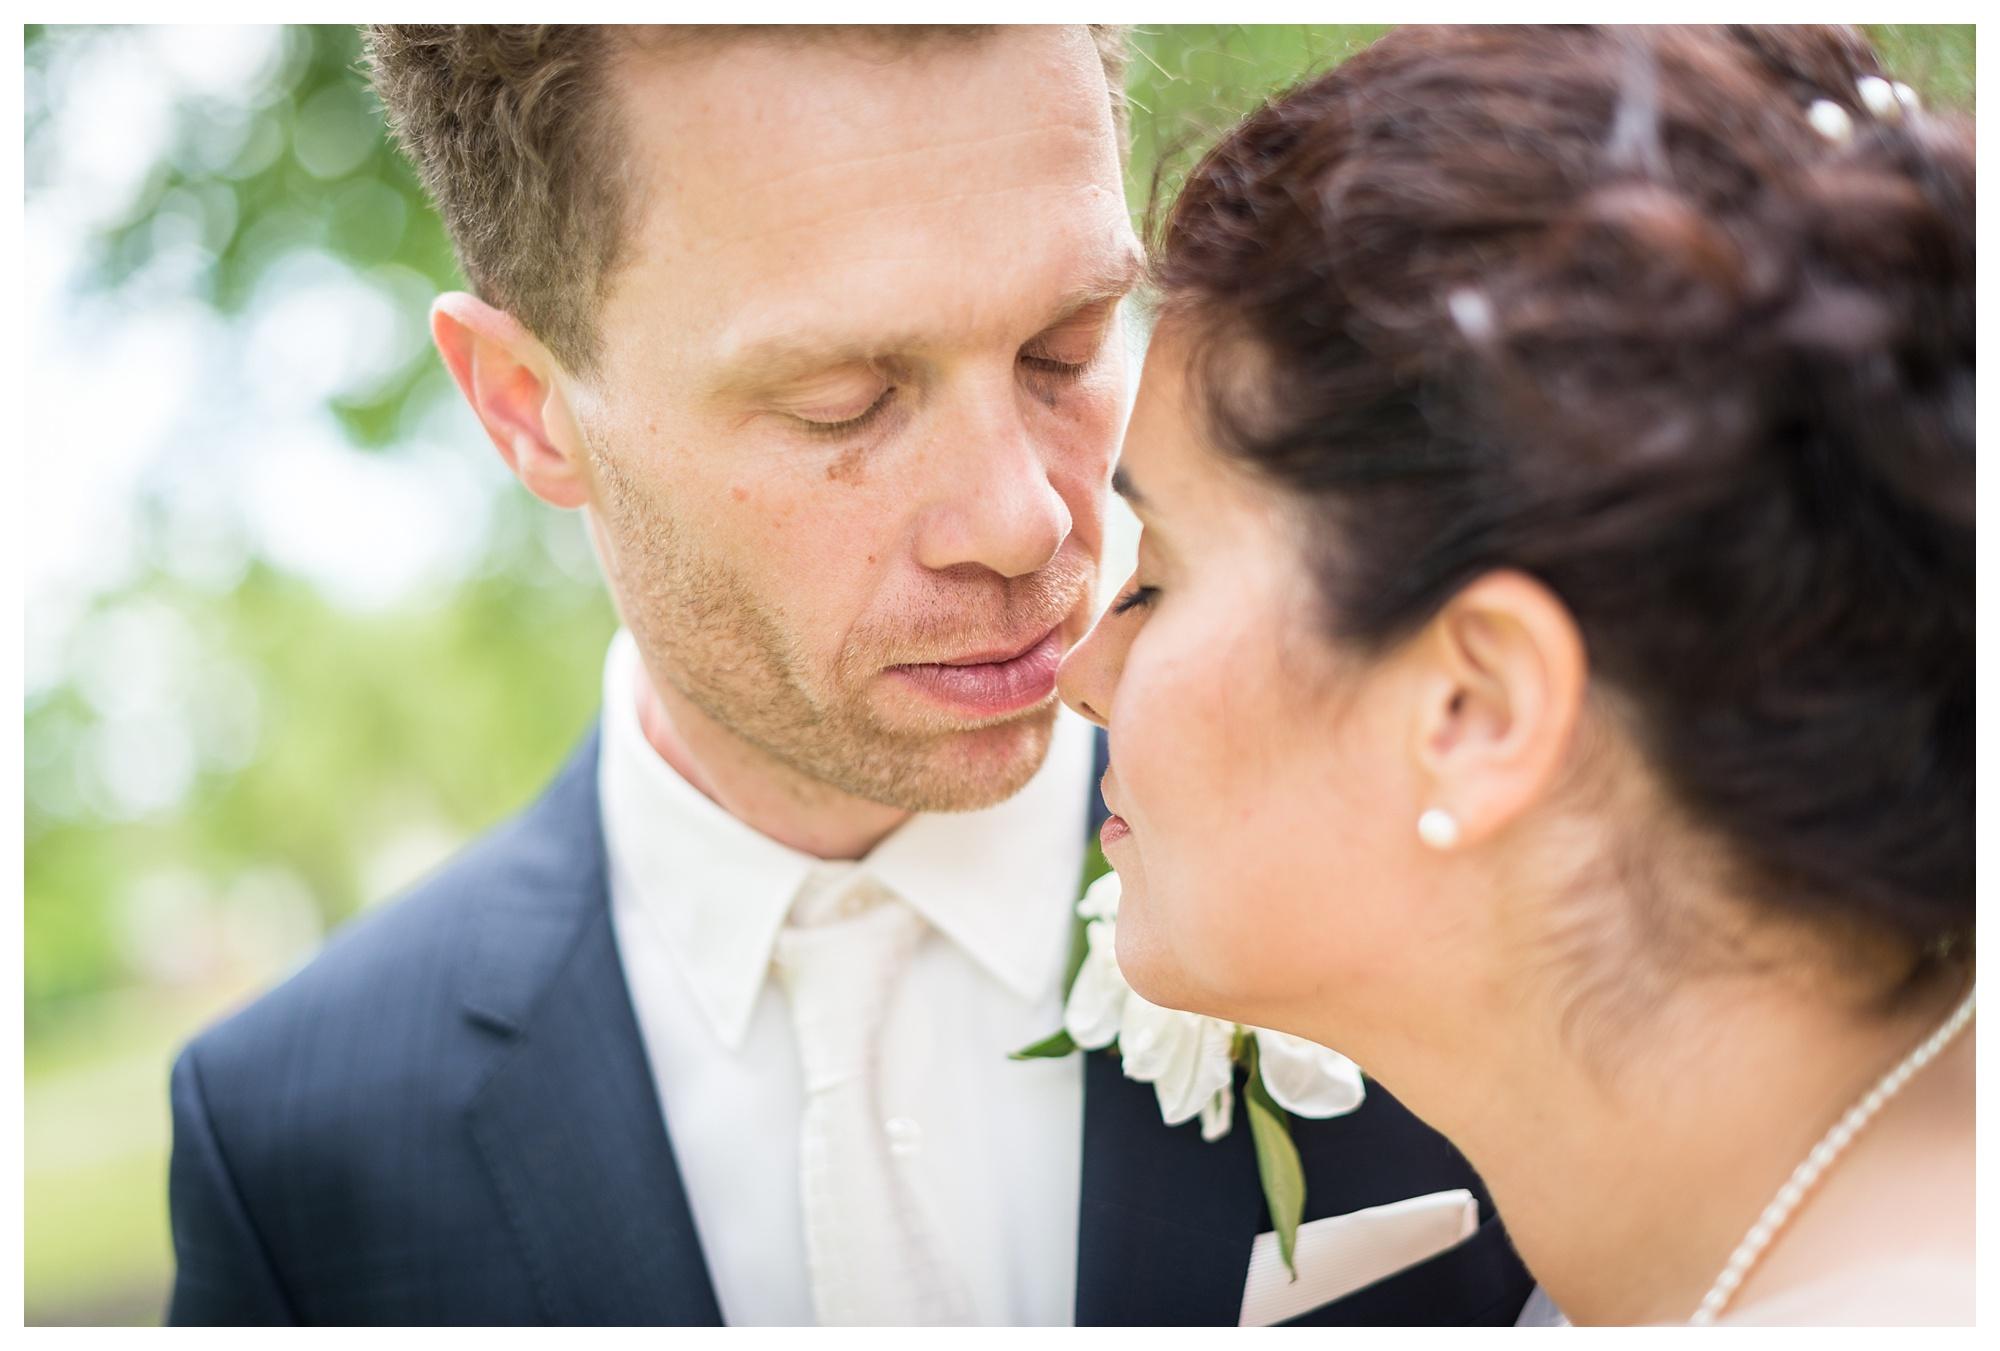 Fotograf Konstanz - Hochzeit Tanja Elmar Elmar Feuerbacher Photography Konstanz Messkirch Highlights 078 - Hochzeitsreportage von Tanja und Elmar im Schloss Meßkirch  - 179 -